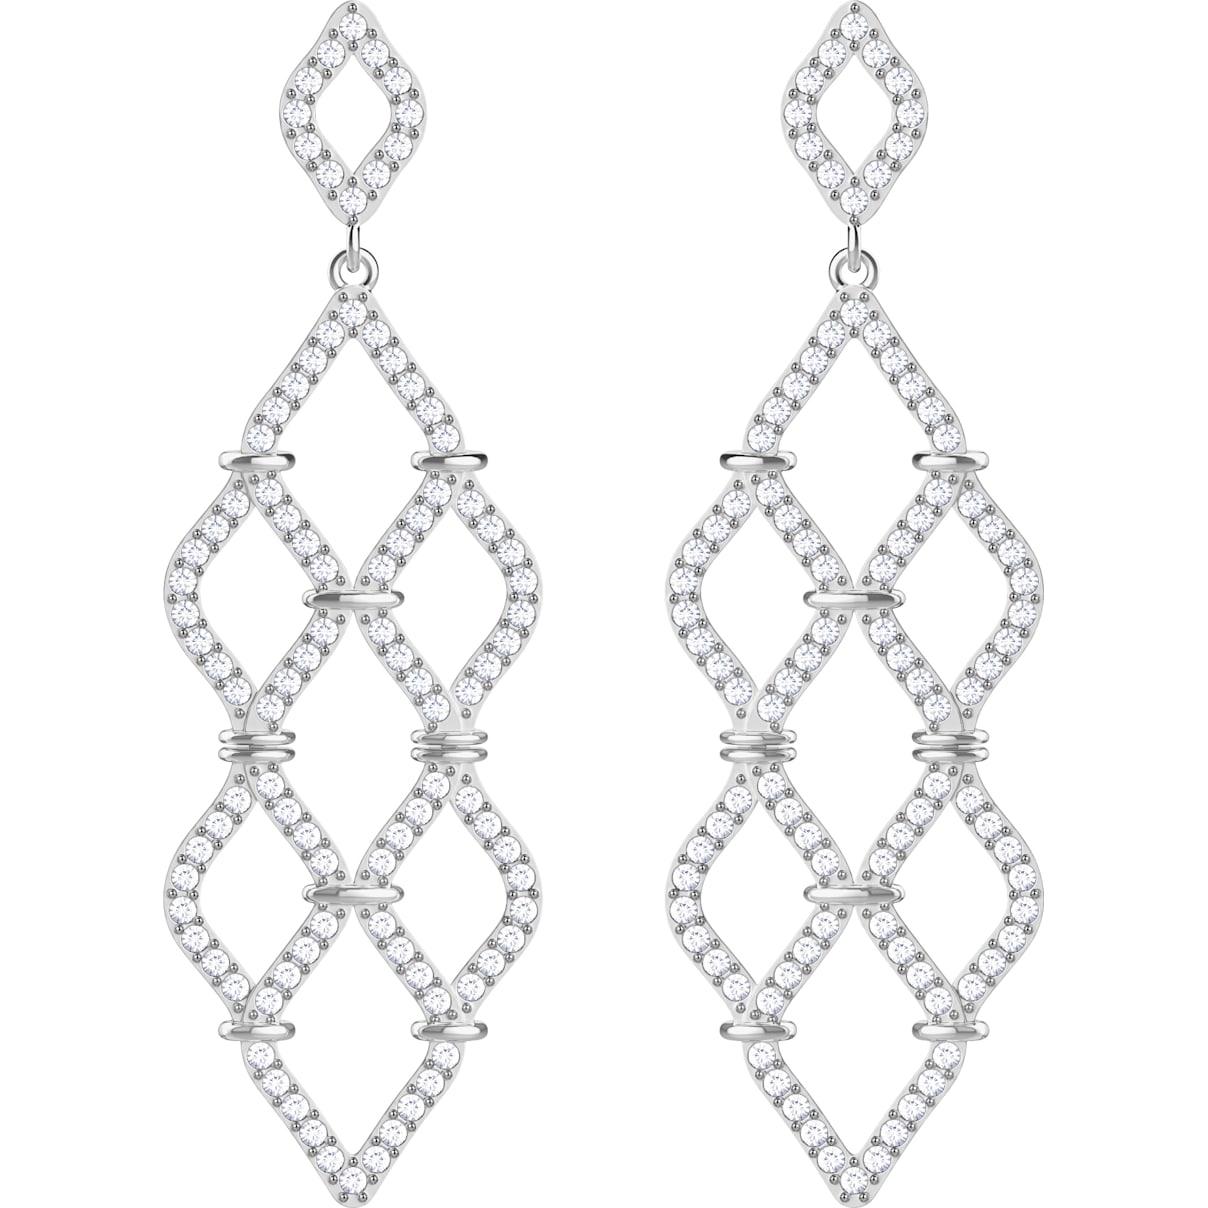 Swarovski Lace Chandelier Pierced Earrings, White, Rhodium plated